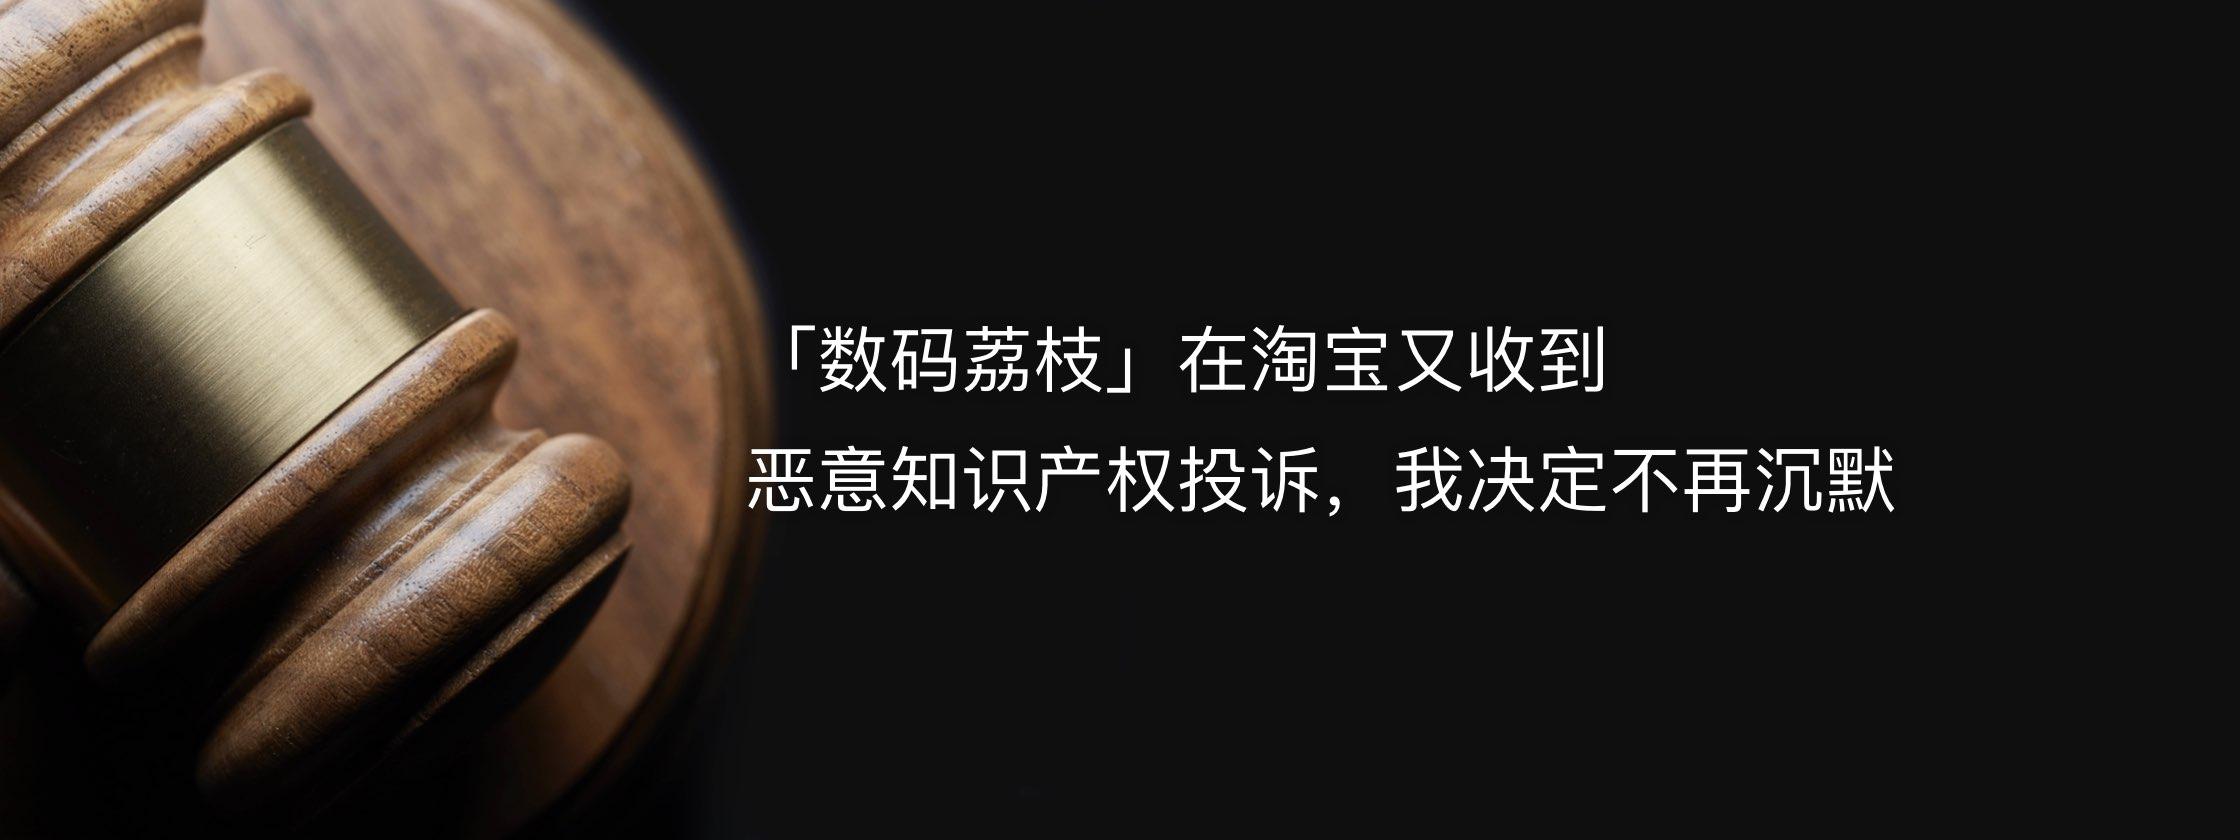 「数码荔枝」在淘宝又收到恶意知识产权投诉,我决定不再沉默